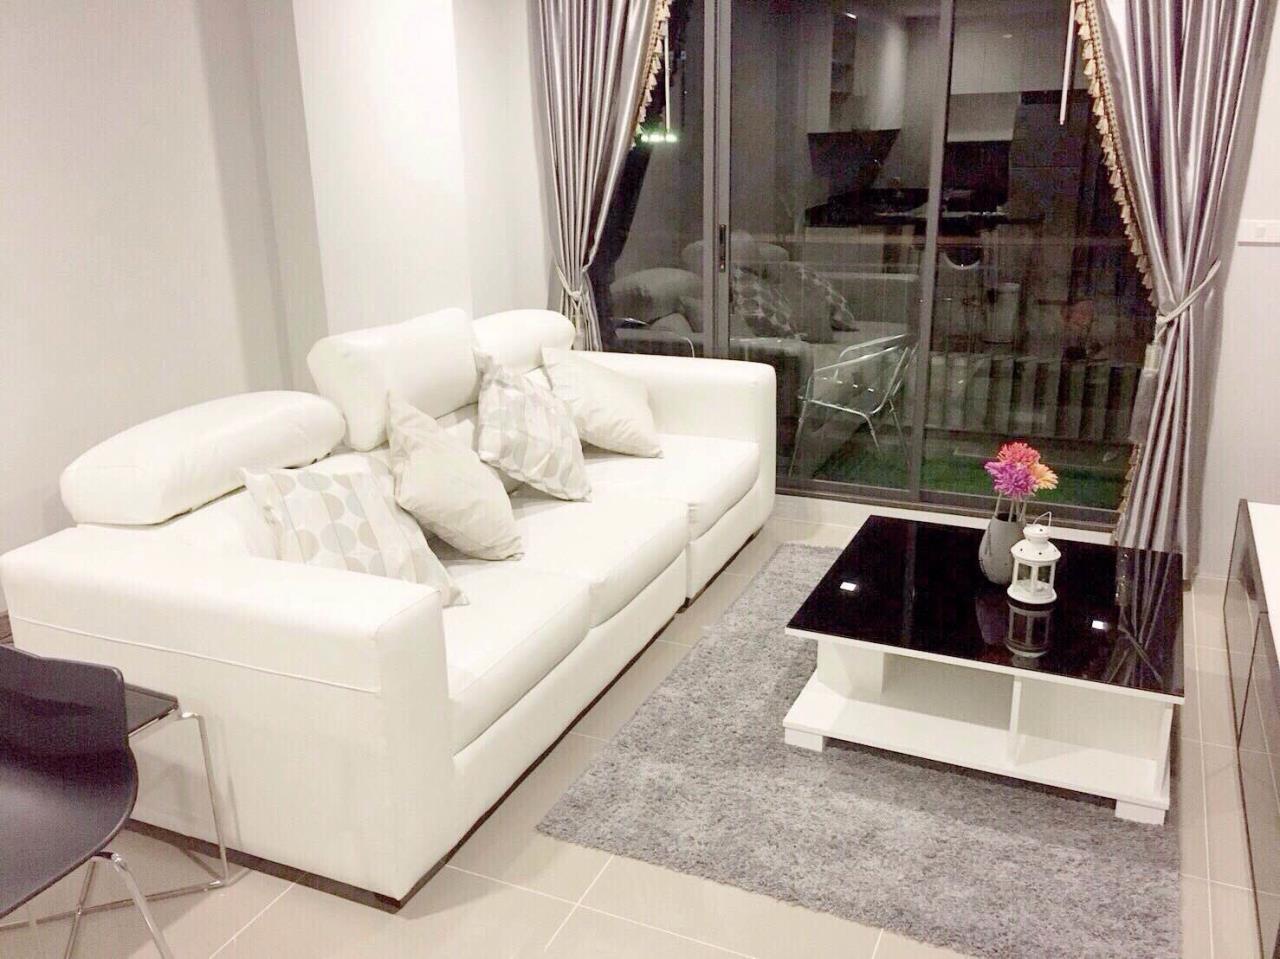 Century21 Skylux Agency's Mirage Sukhumvit 27 / Condo For Sale / 1 Bedroom / 50 SQM / BTS Asok / Bangkok 4